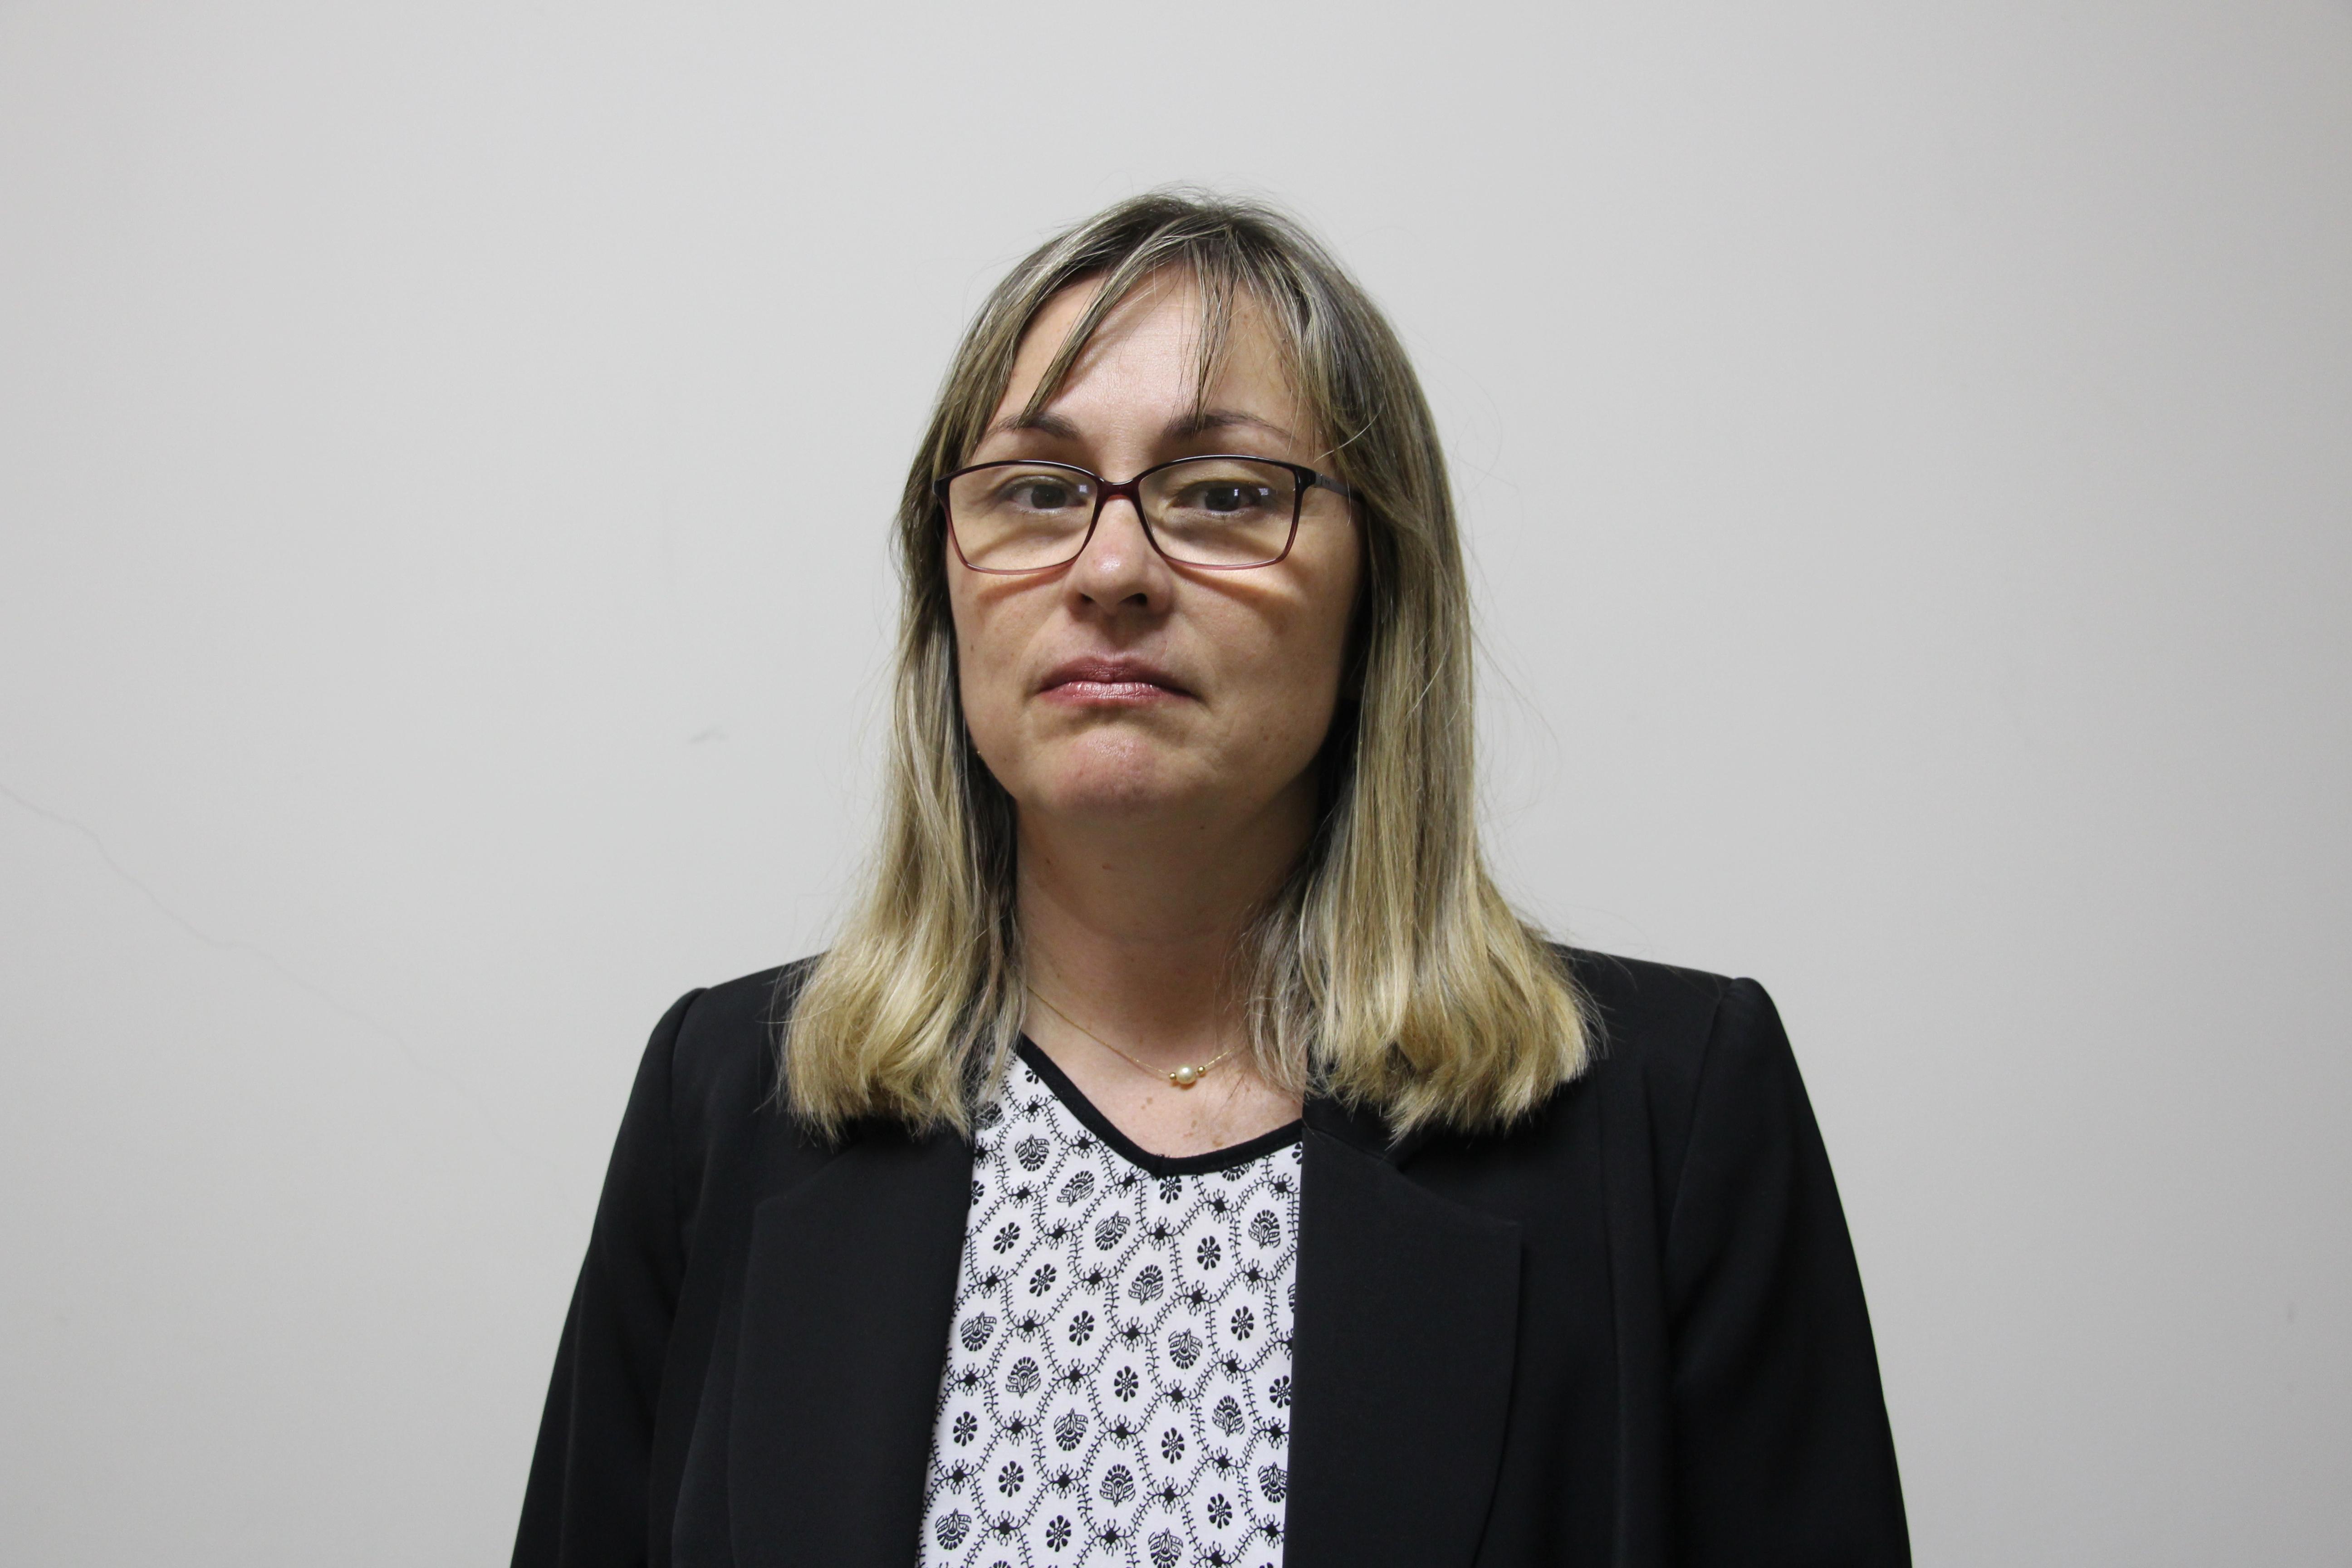 Secretária de Negócios Jurídicos da Prefeitura, Drª Mirela Senô falou sobre o Clube Jaboticabal (Foto: Renan Leite/Jornal 101)